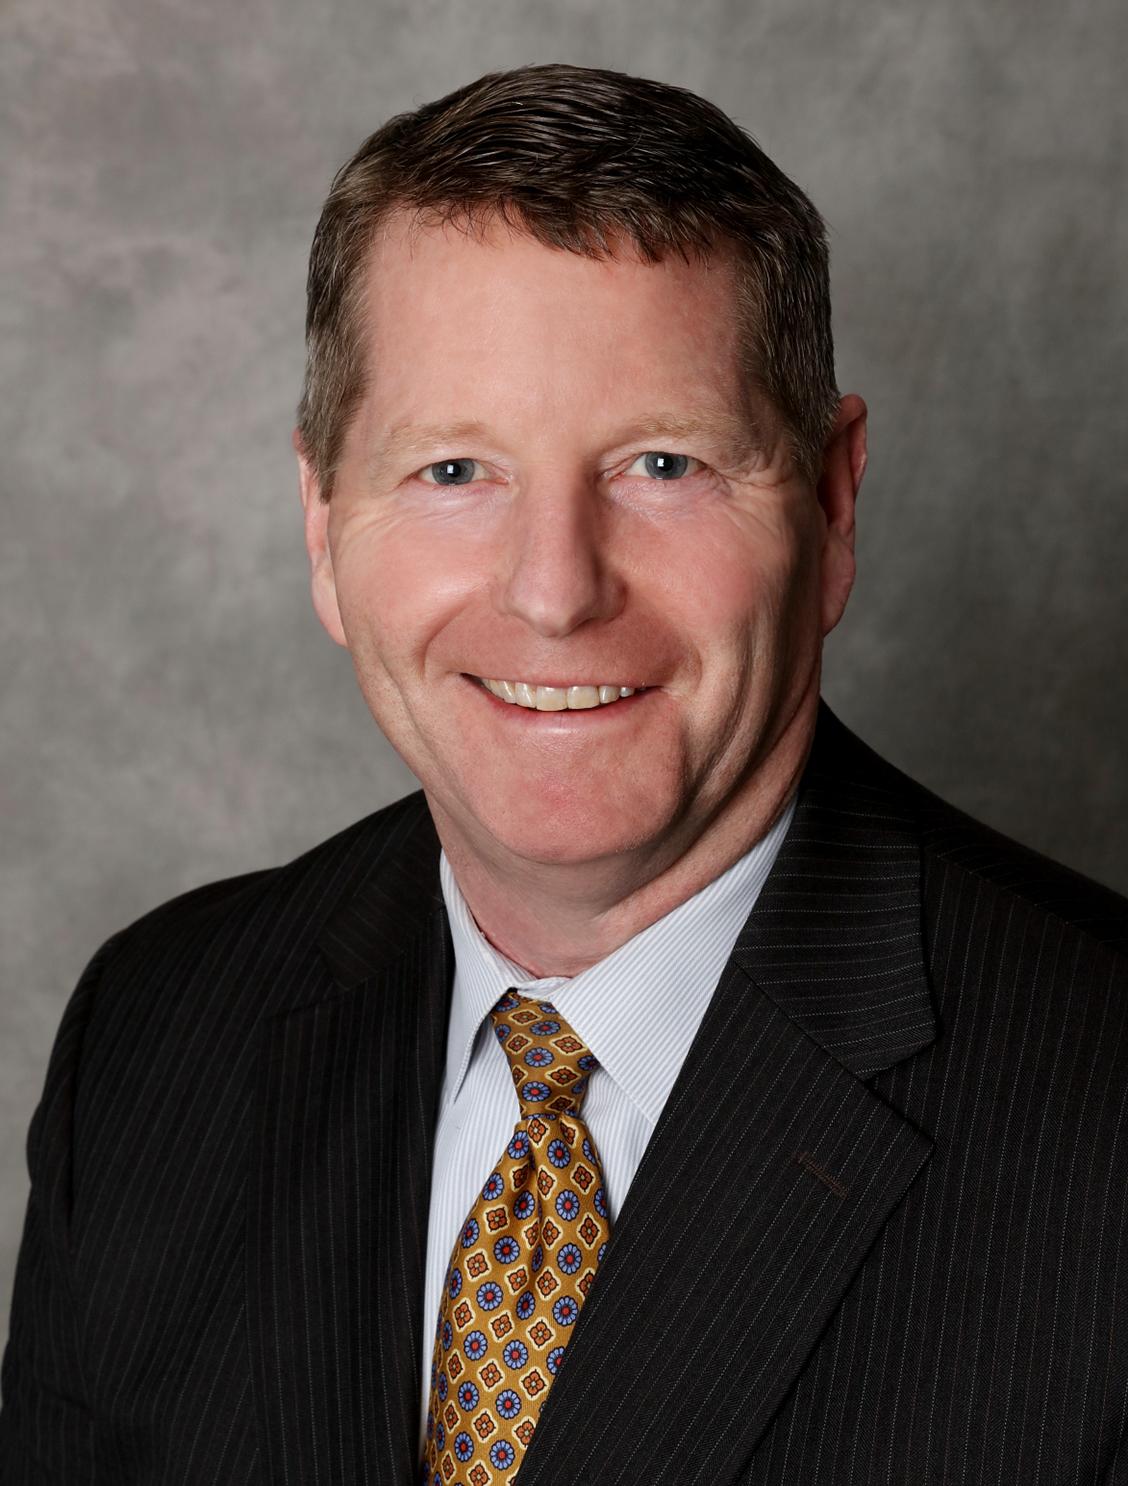 PRAIRIE CAPITAL ADVISORS WELCOMES STEVEN W. RYAN